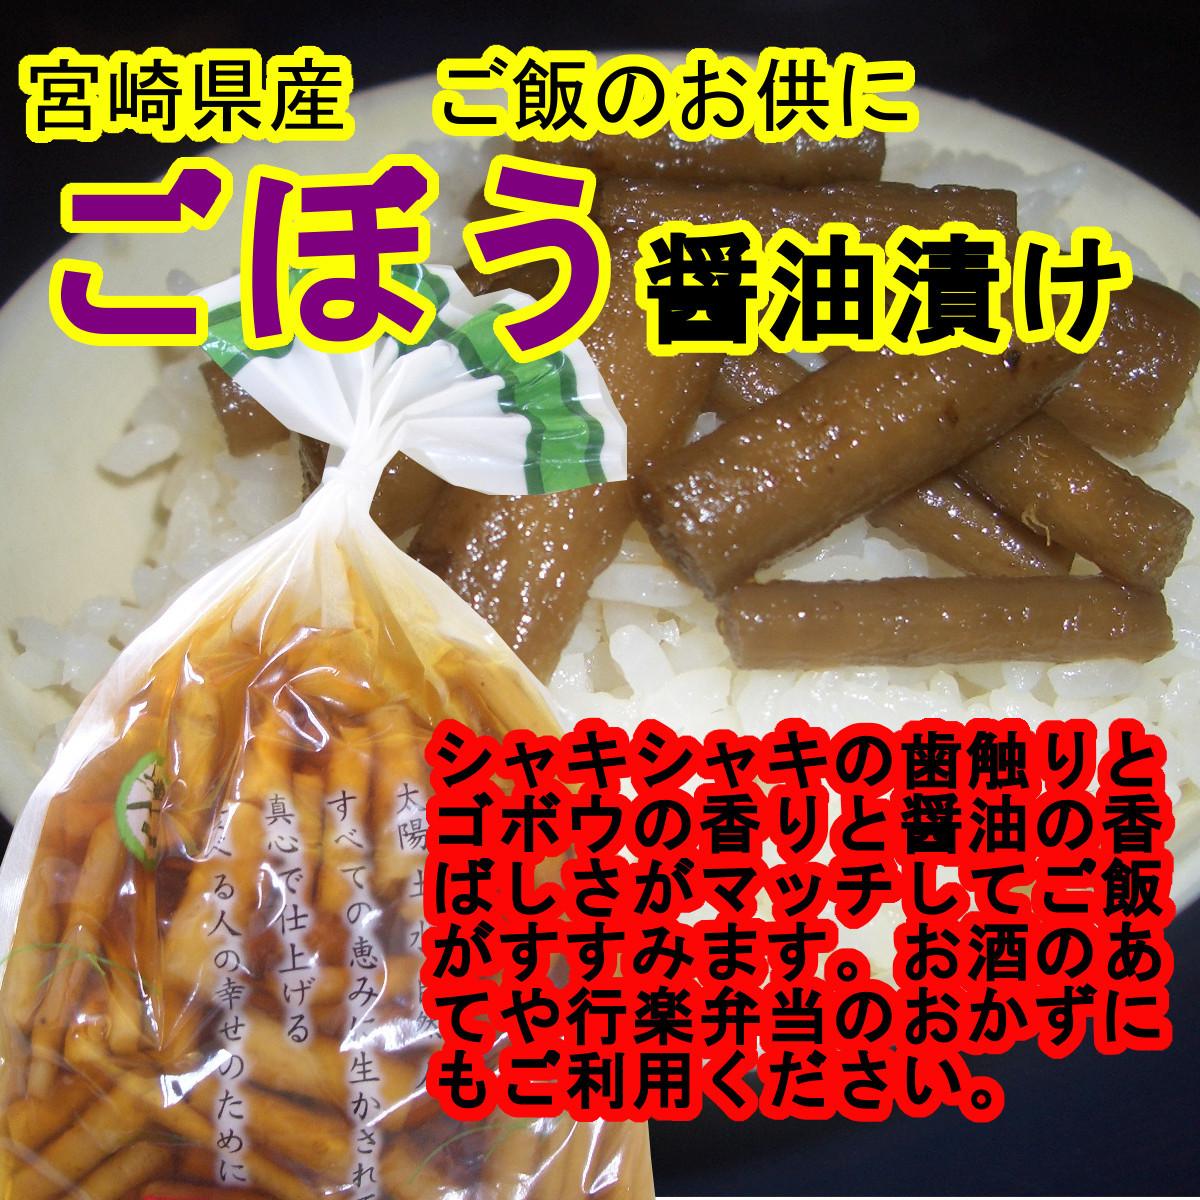 ゴボウの醤油漬け」20袋 ご飯のお供 宮崎県産ゴボウの漬物 おかず おつまみ お茶うけ 色んな料理の付合わせに 食べてスッキリ 送料無料 _画像3